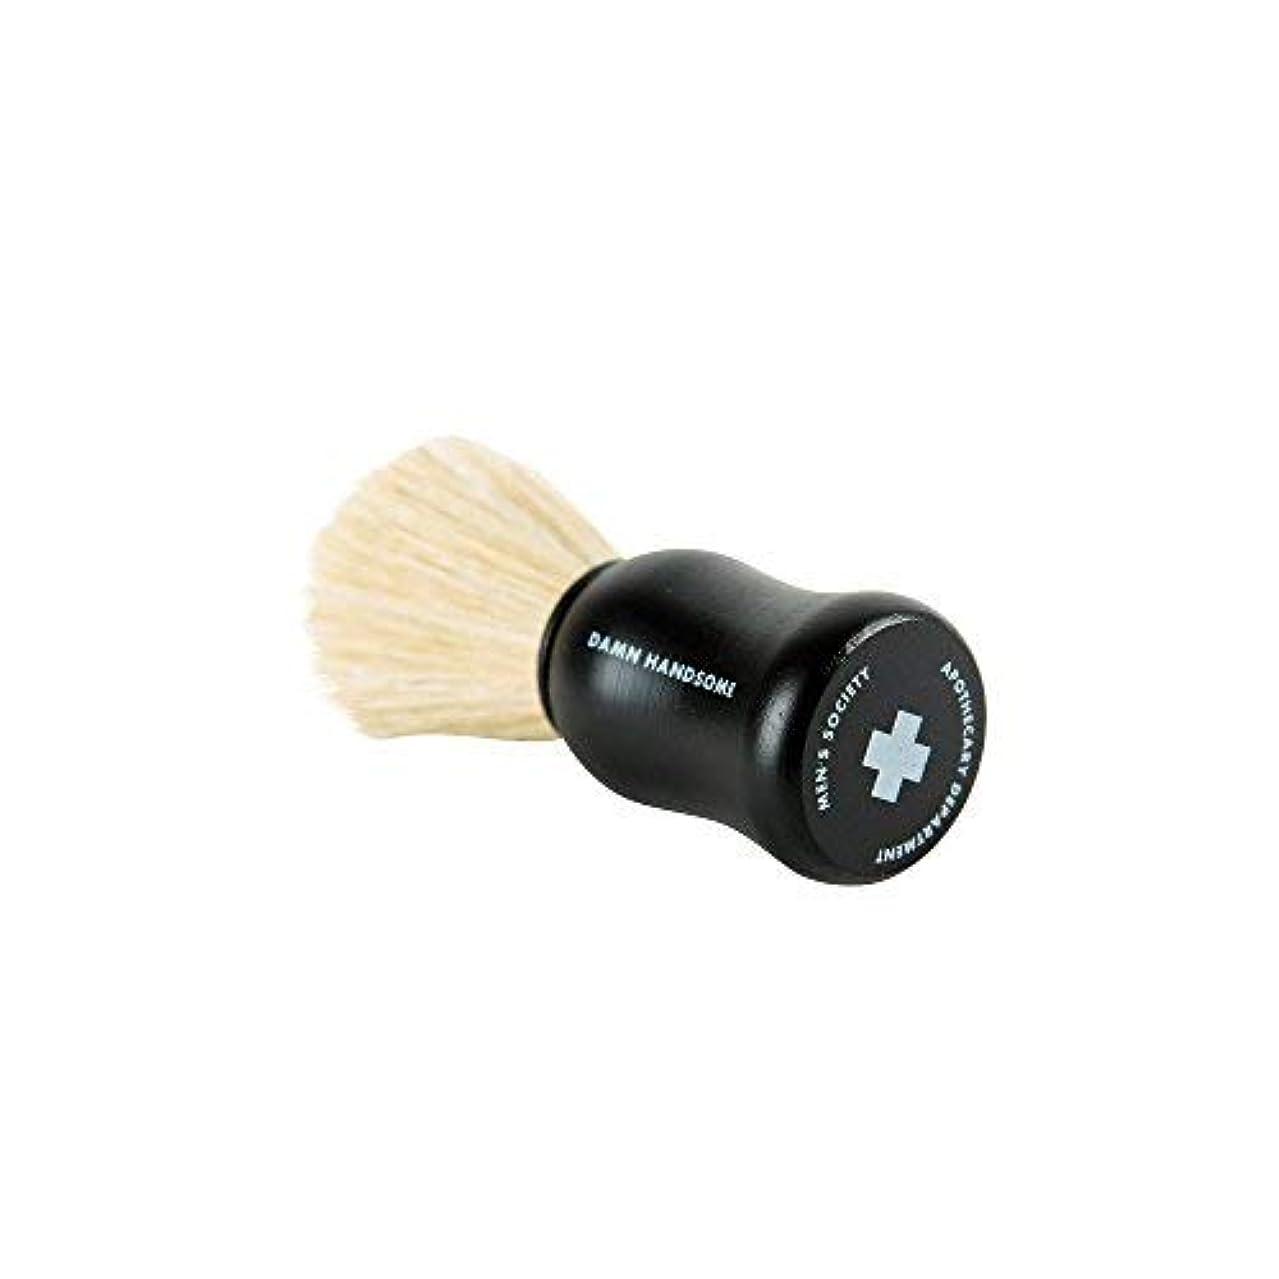 復活トン夢Men's Society Shave Brush -Travel Shaving Brush for Men [並行輸入品]